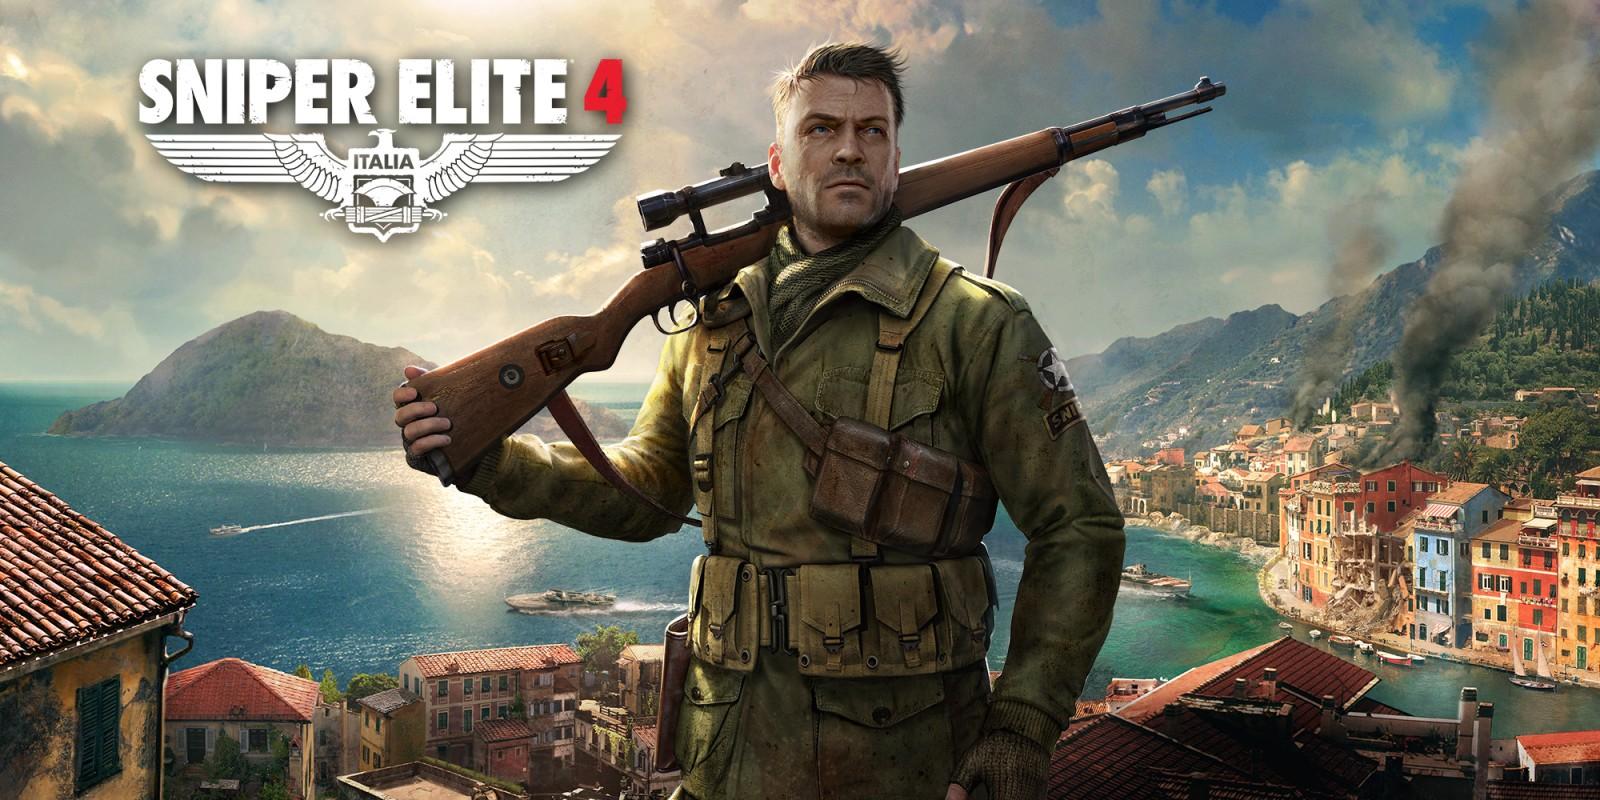 Στις 17 Νοέμβρη το Sniper Elite 4 στο Nintendo Switch